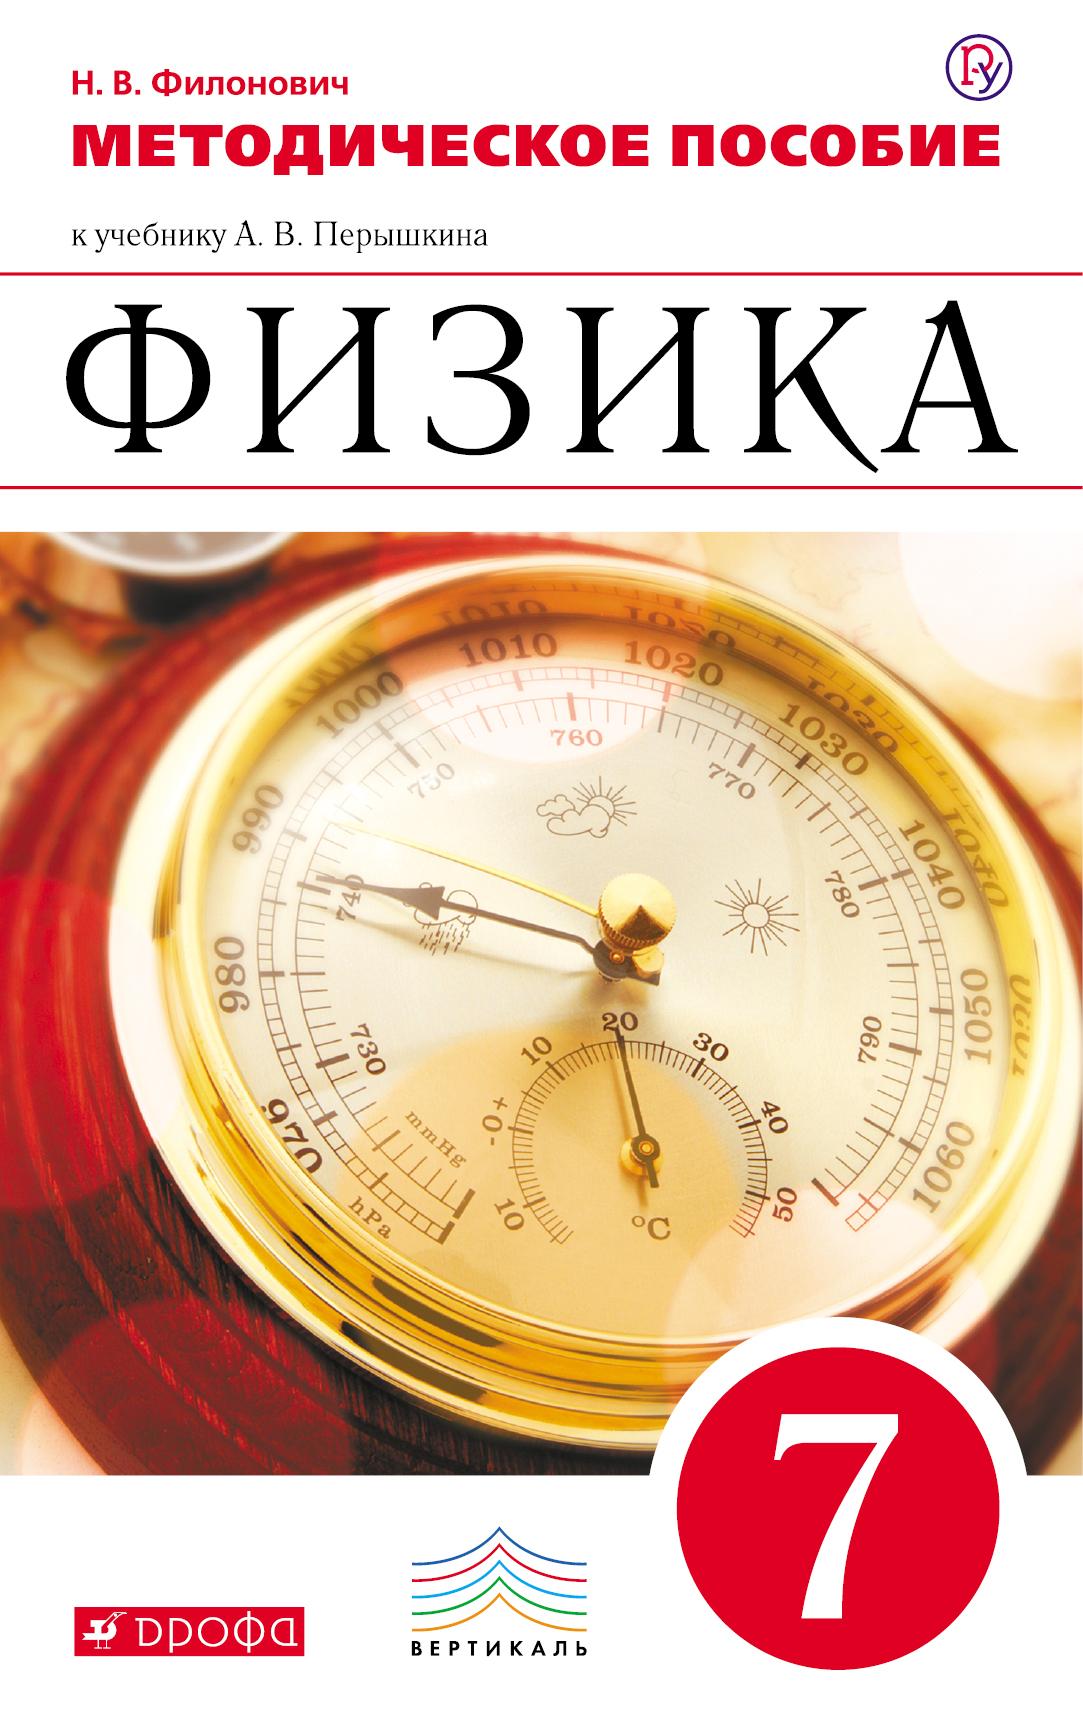 Филонович Н.В. Физика. 7 класс. Методическое пособие. н в филонович физика 8 класс методическое пособие isbn 978 5 358 19568 4